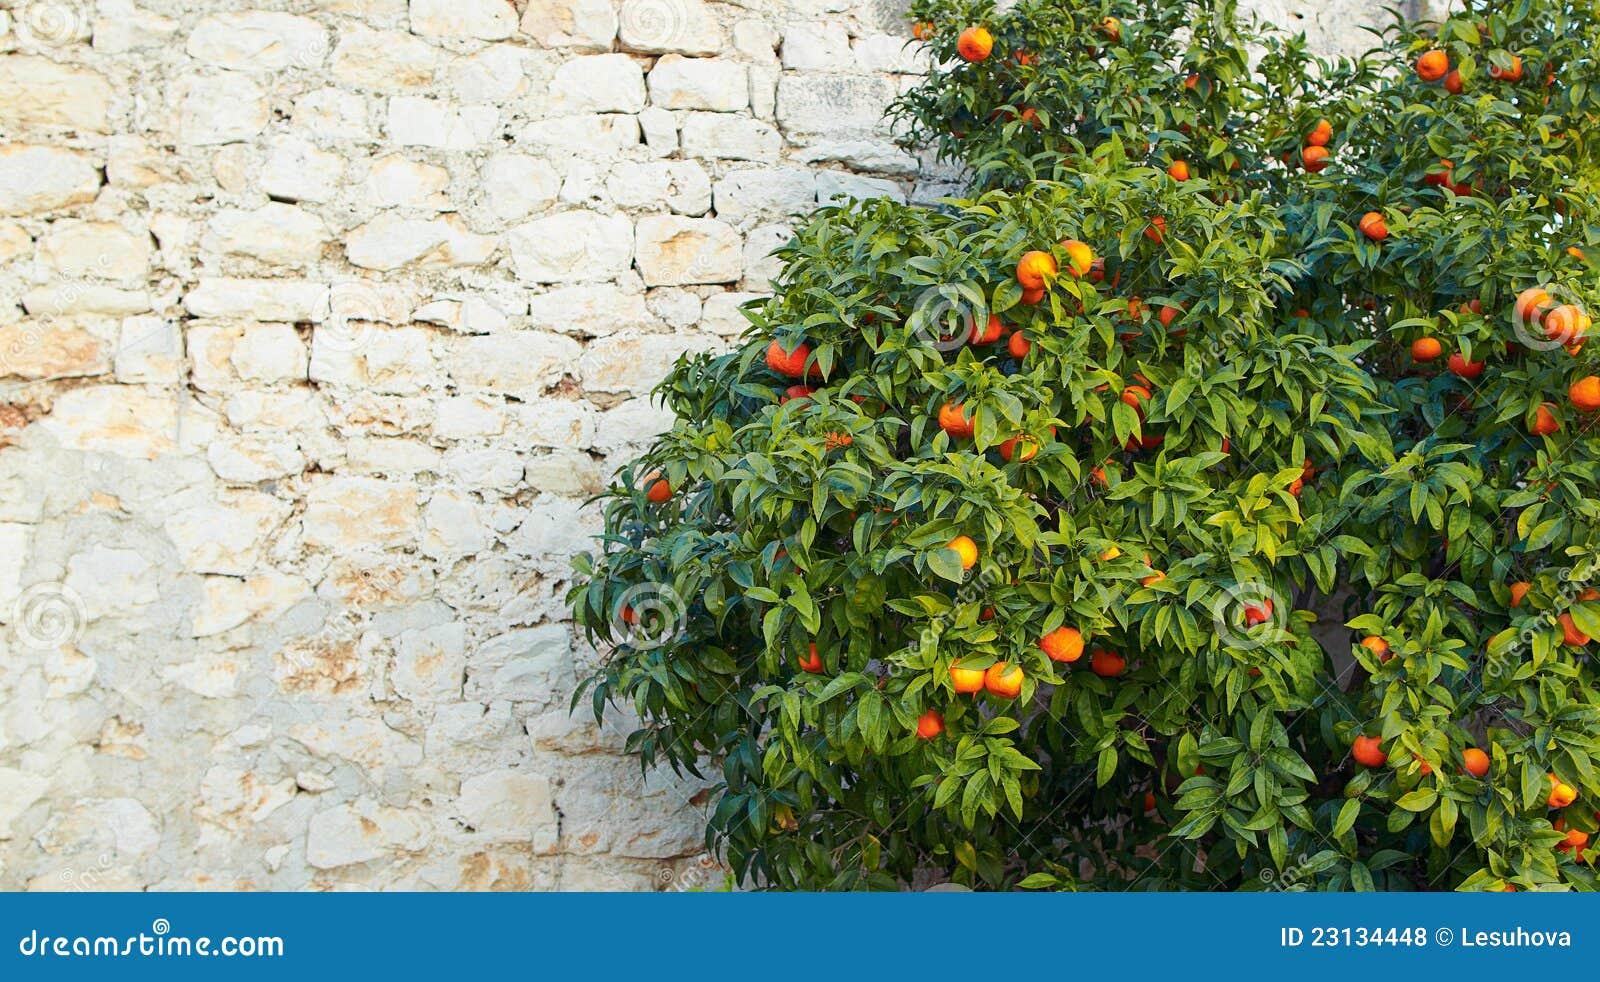 Image Result For Mandarin Garden